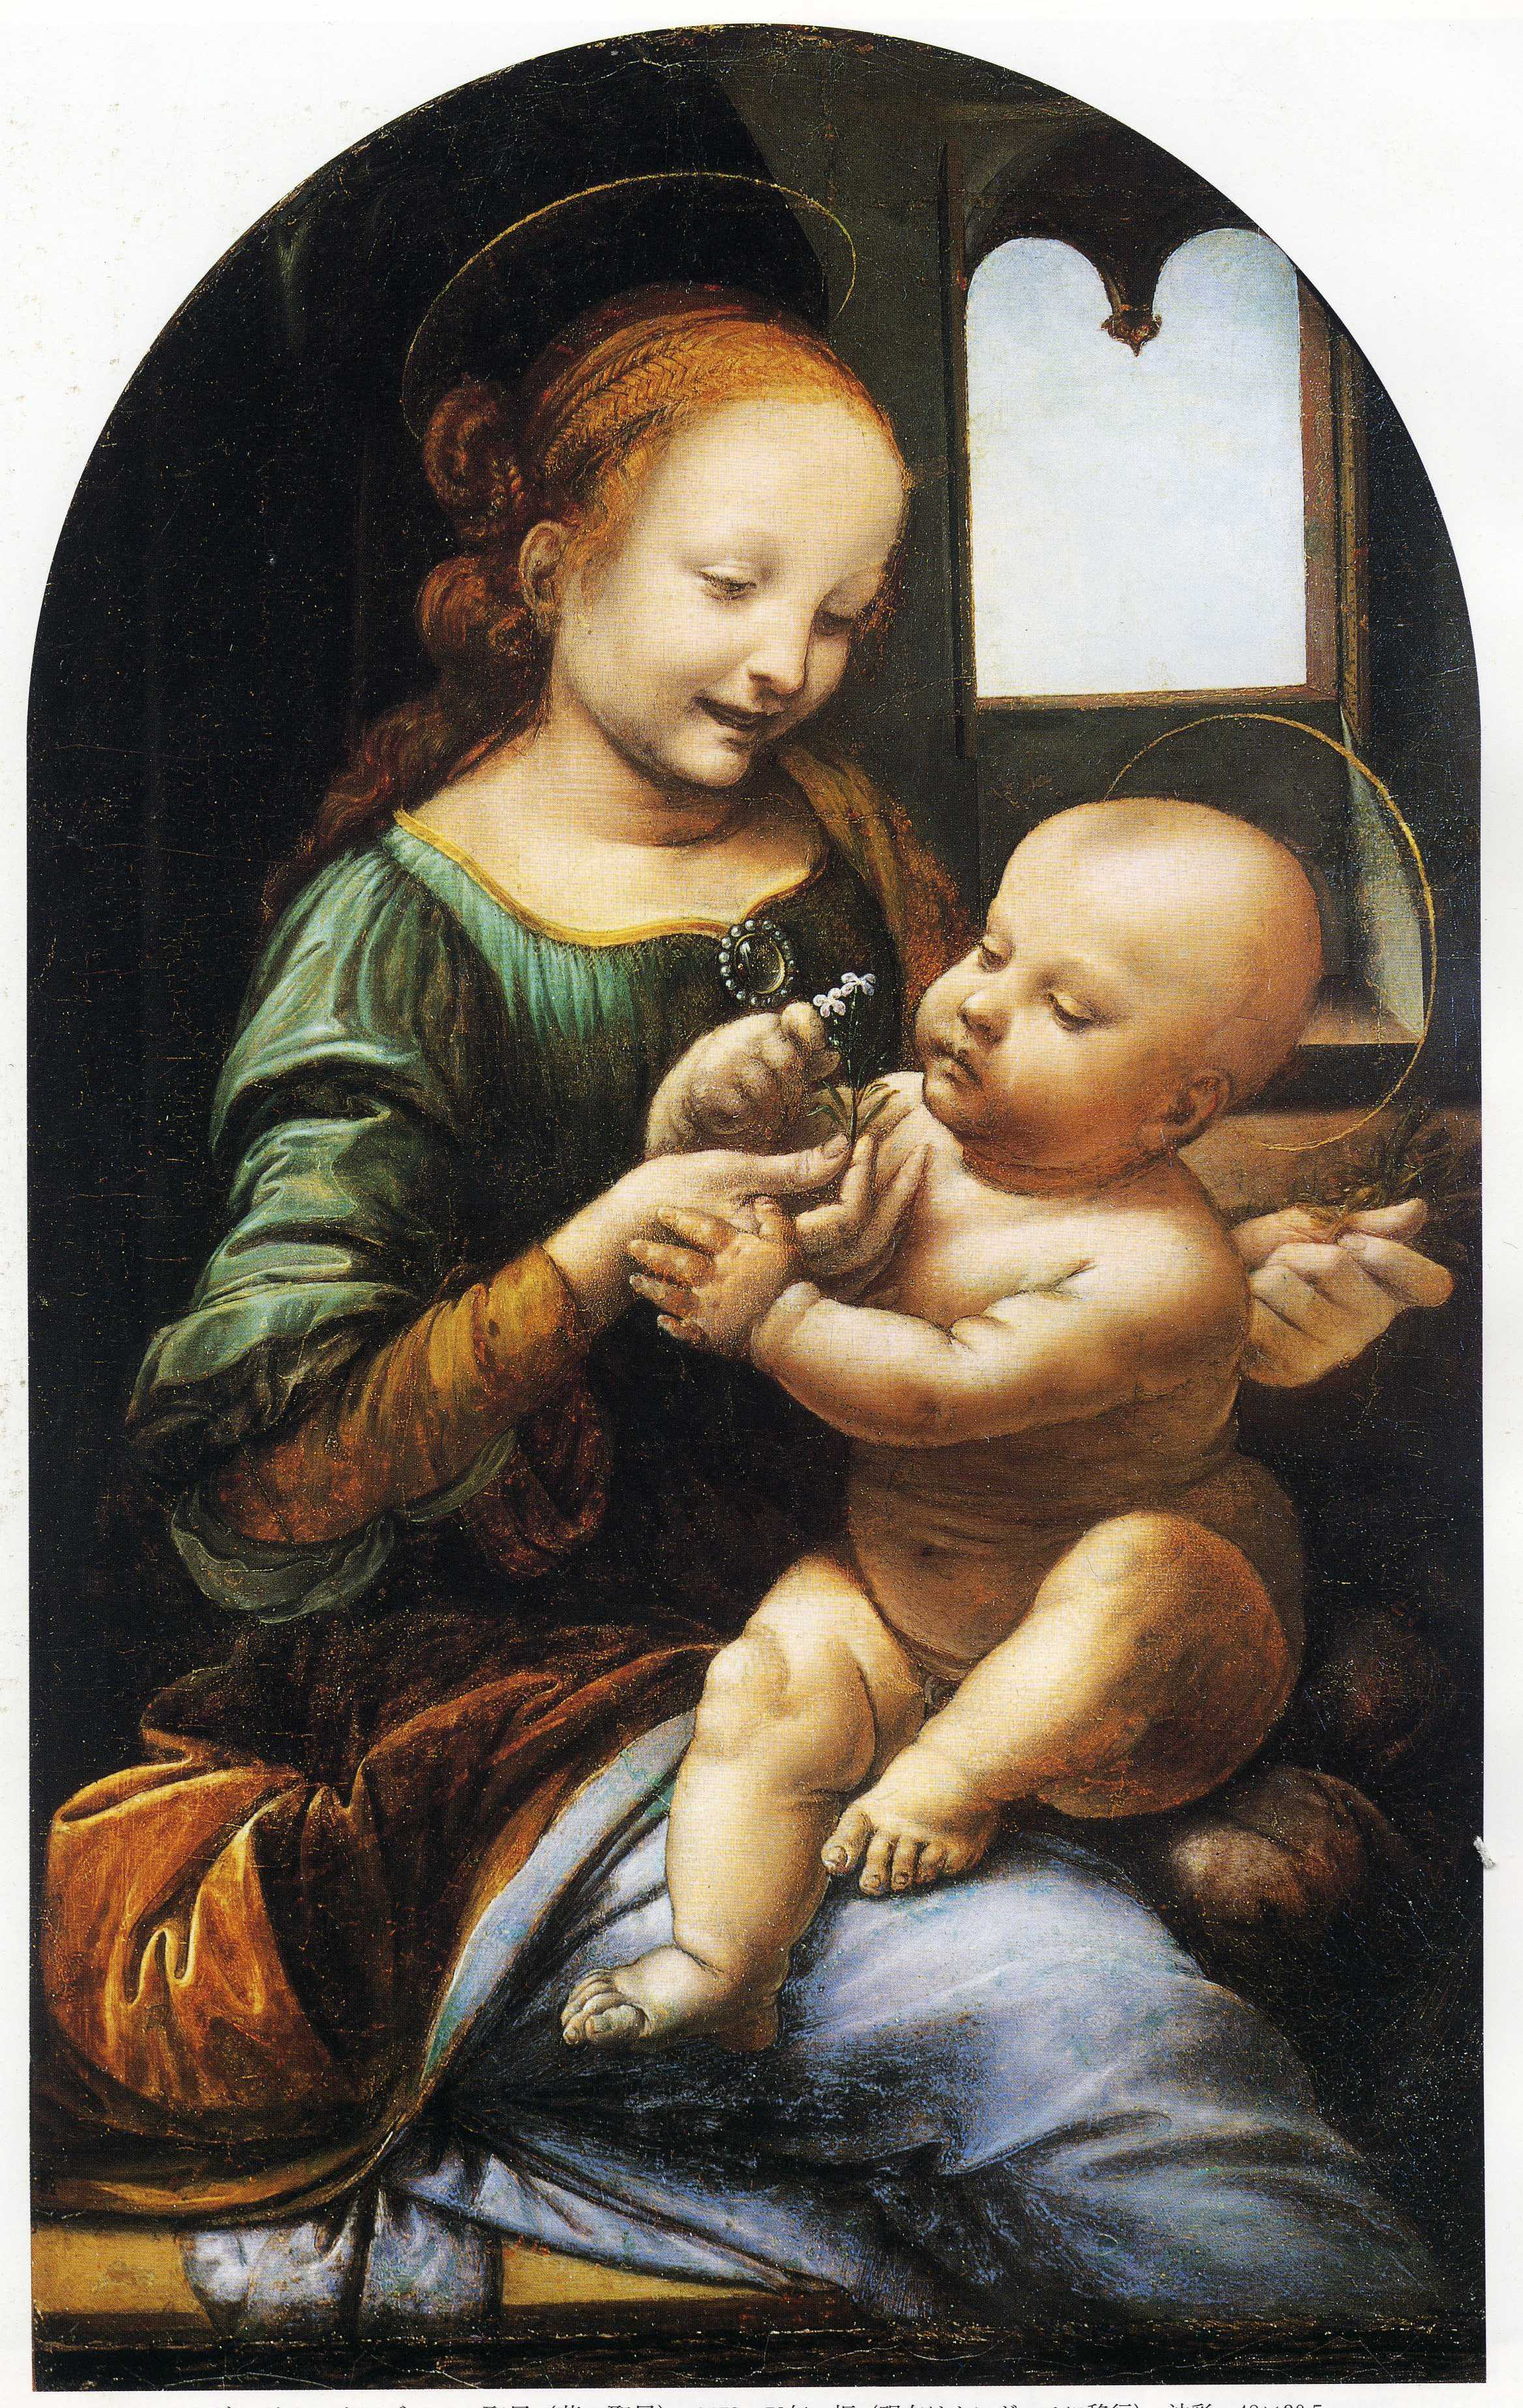 レオナルド《ブノワの聖母》エルミタージュ